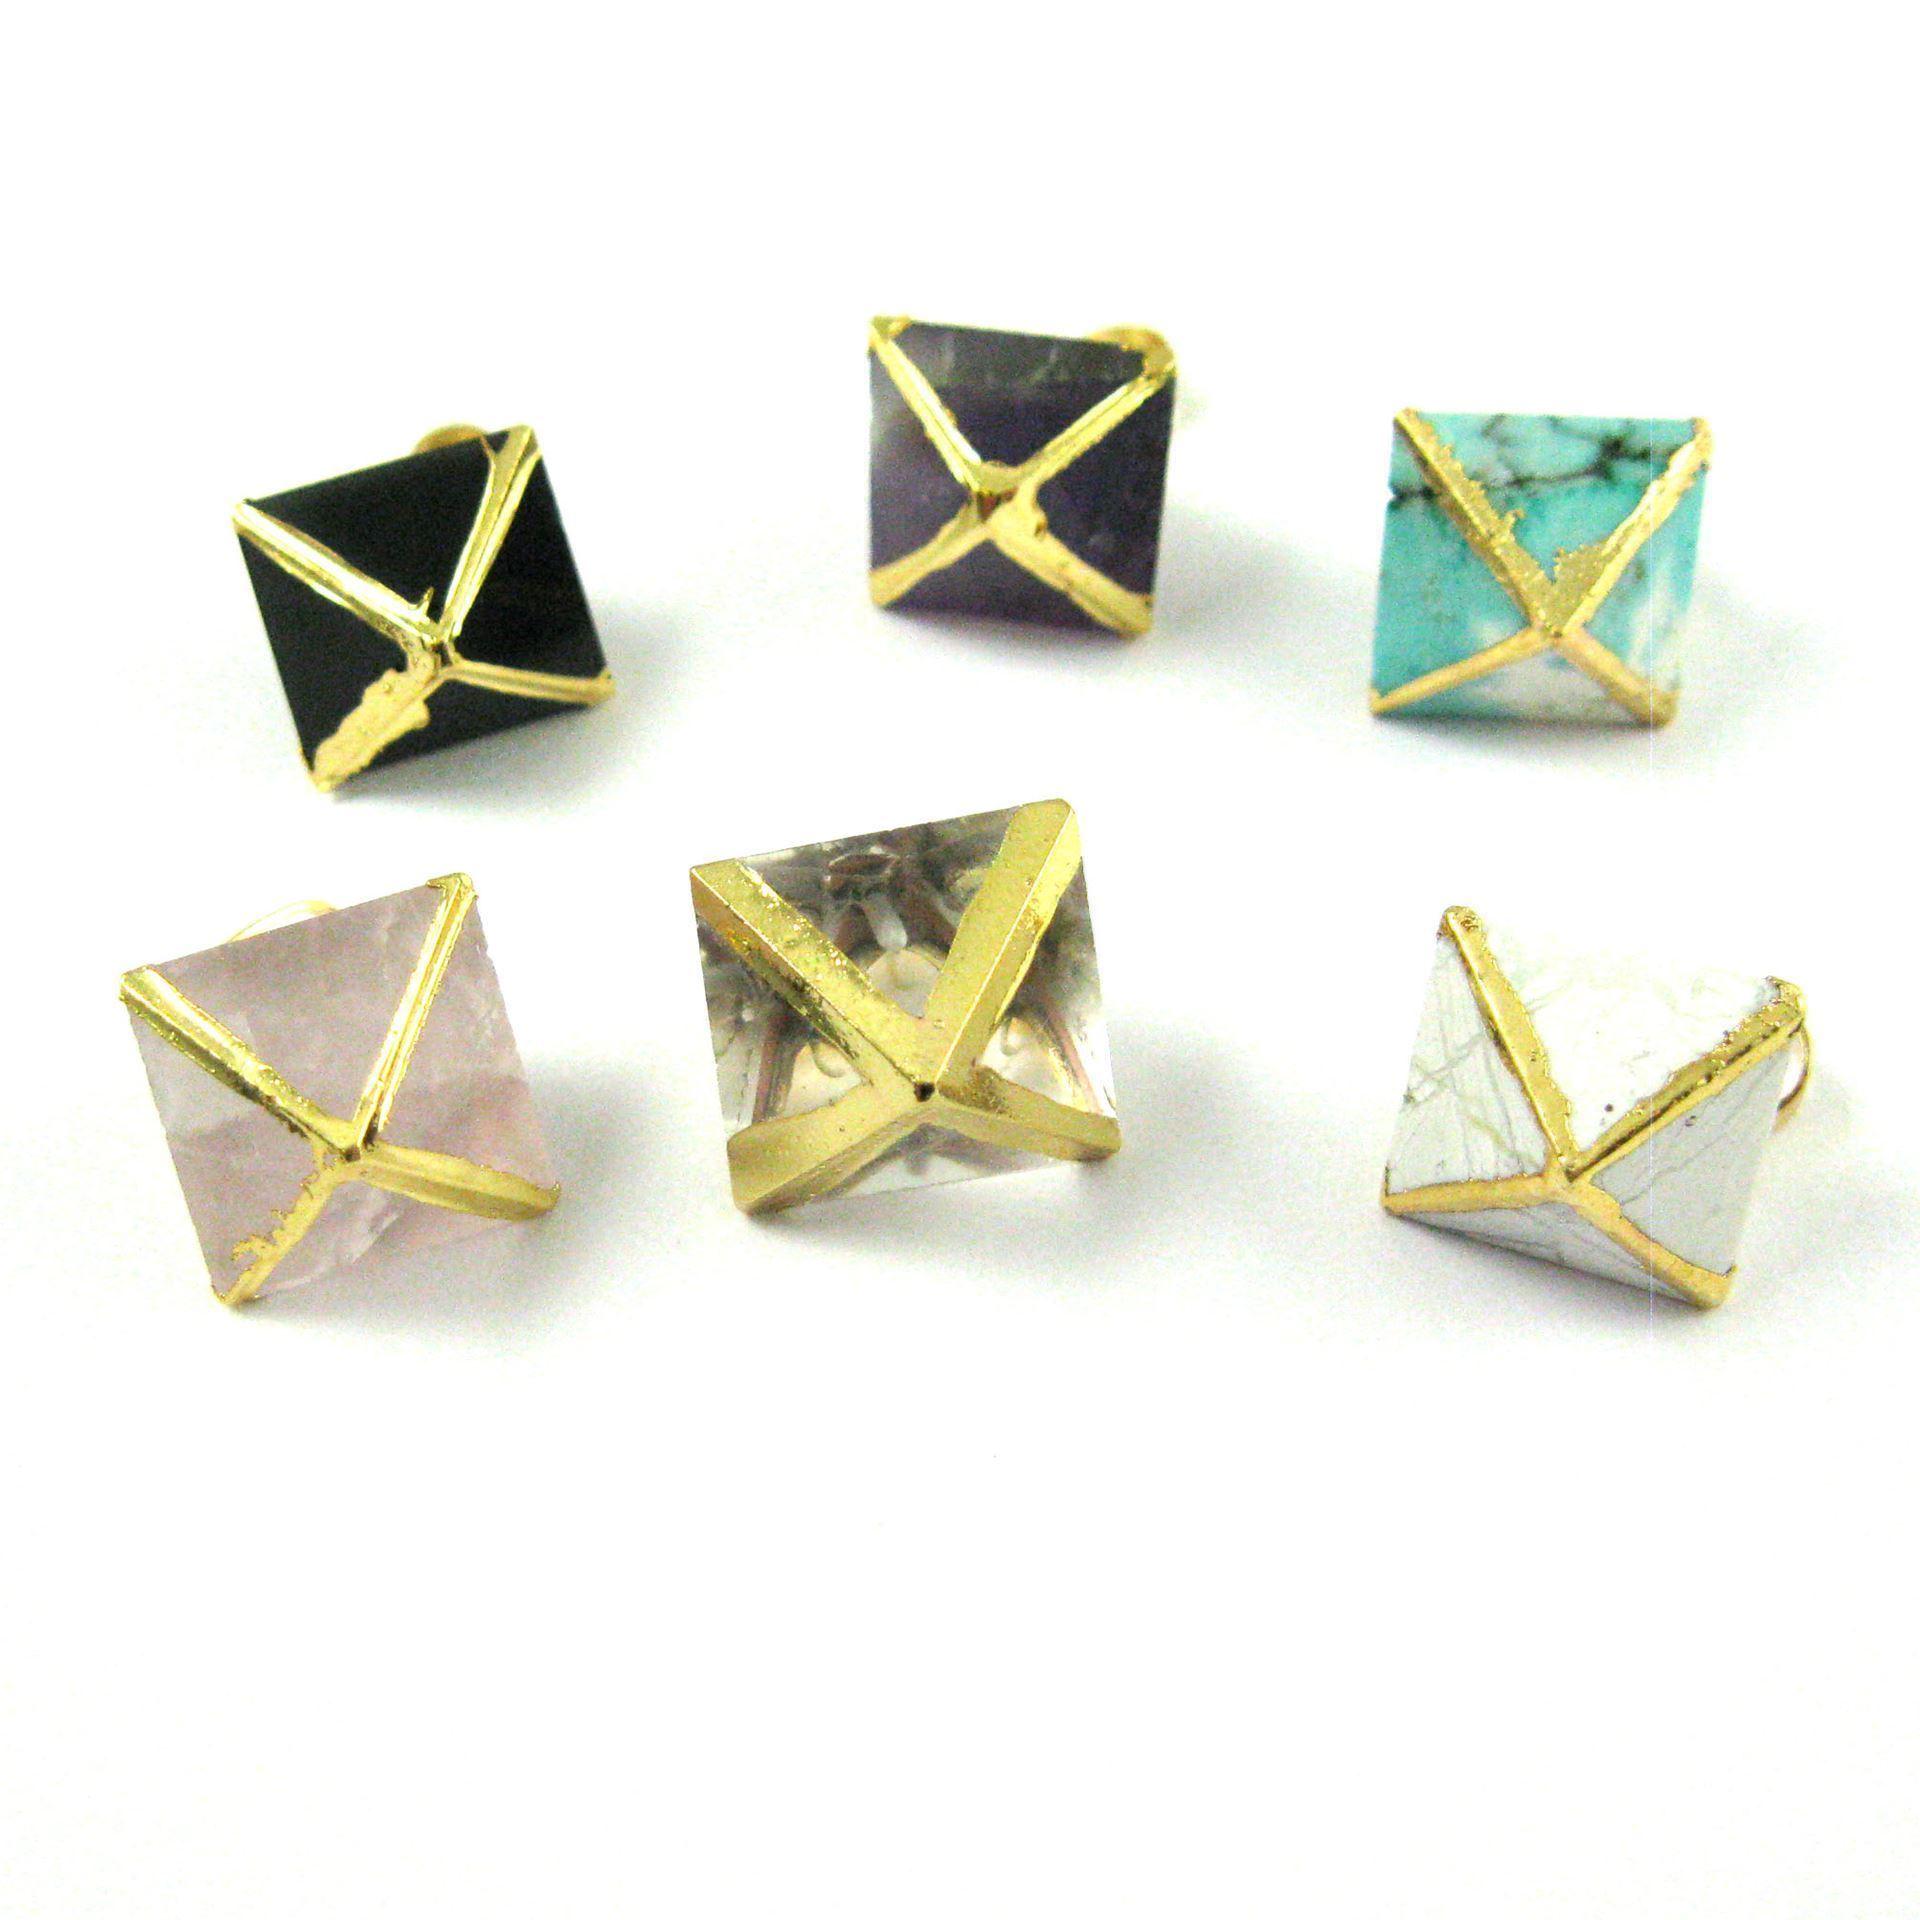 Gemstone Pendant, Octahedron White Howlite Gemstone, 8 sides gemstone Gold plated Pendant,Small Gemstone Rock Pendant- 25mm